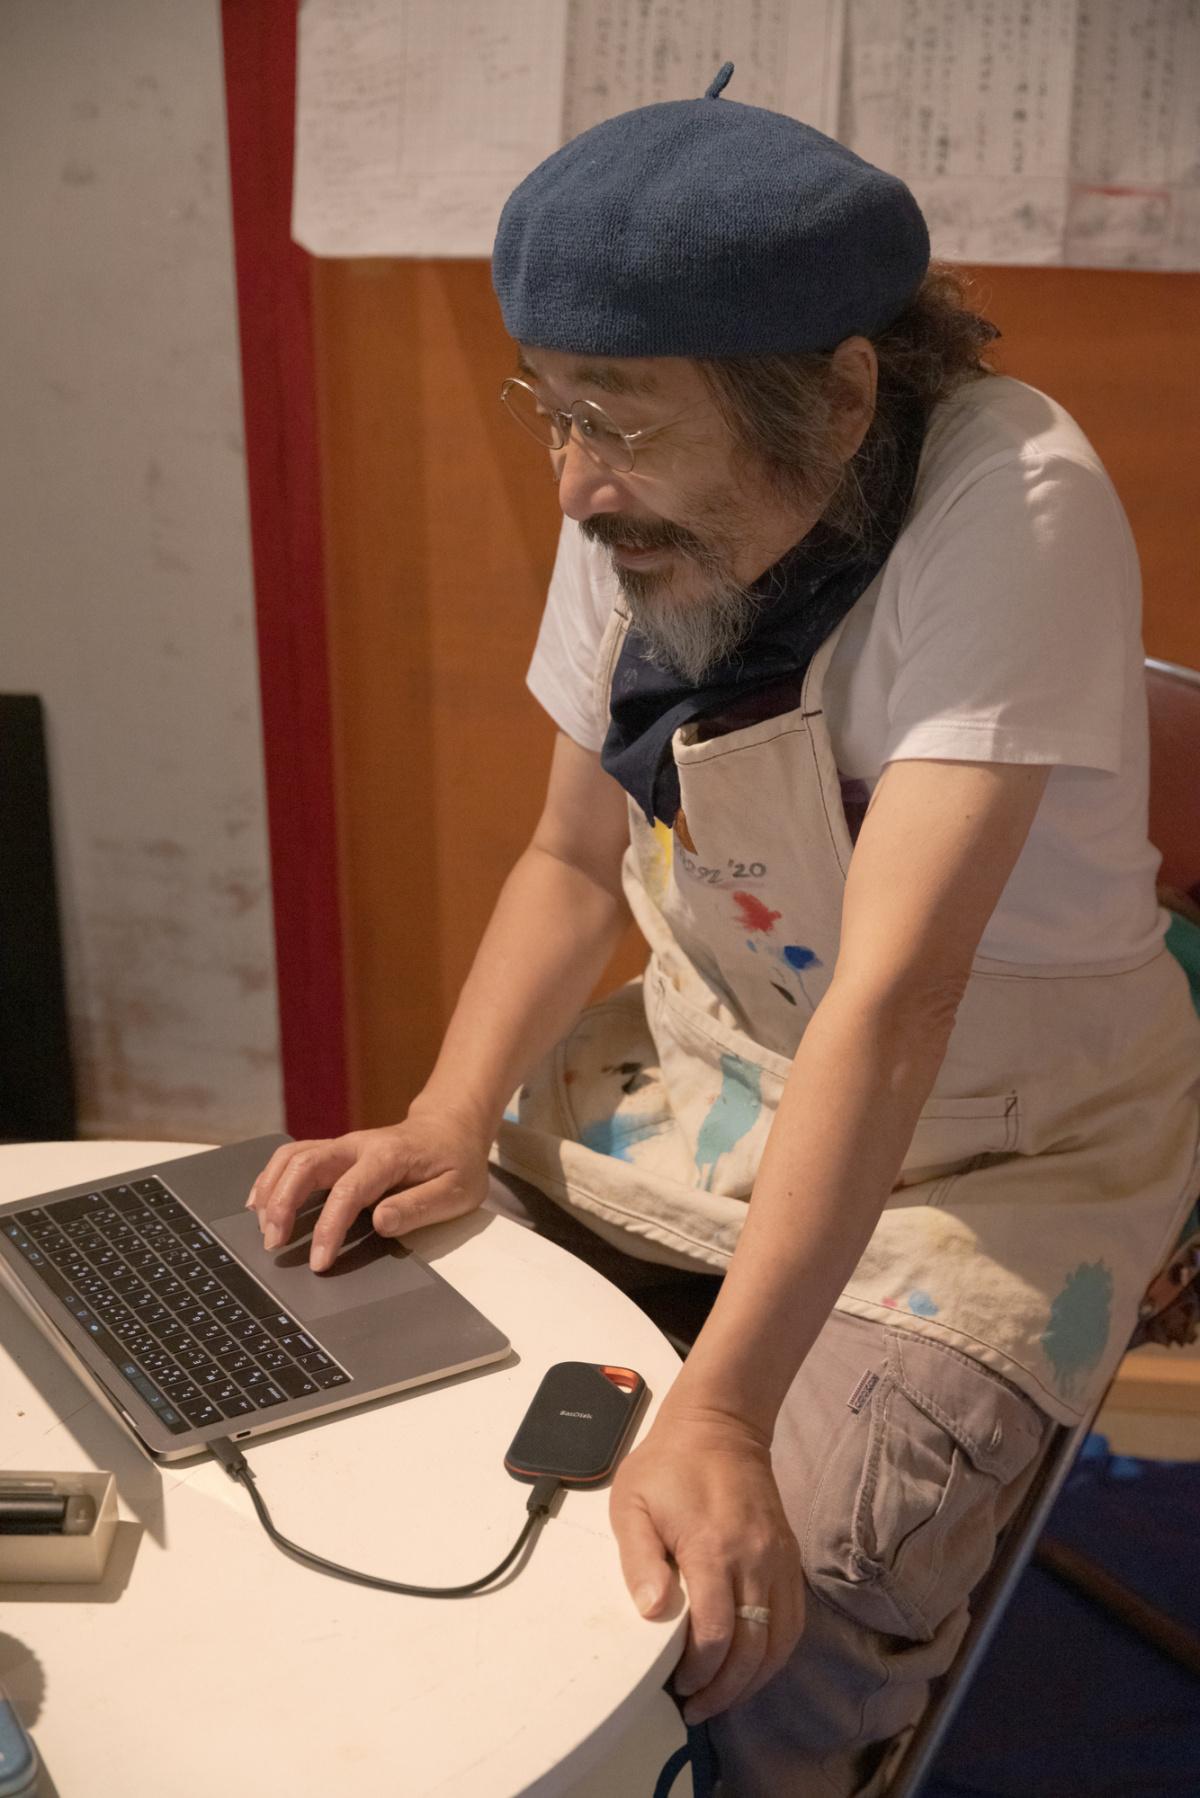 安齋さんを悩まし続ける、膨大なデータの管理。